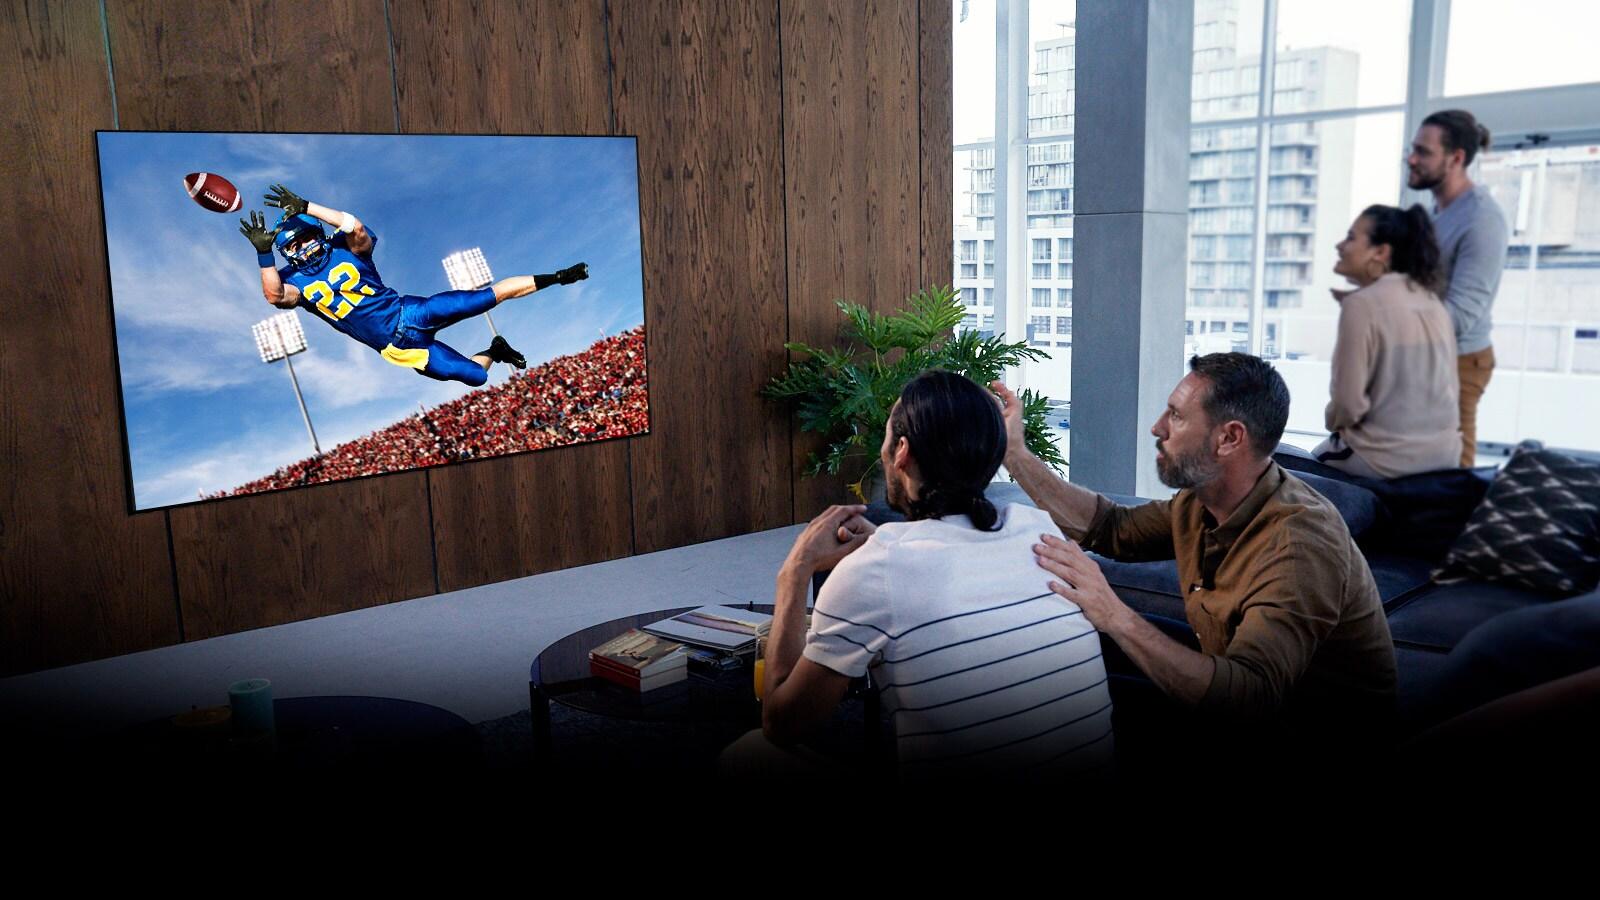 Personas viendo un partido de fútbol americano en la televisión en la sala de estar